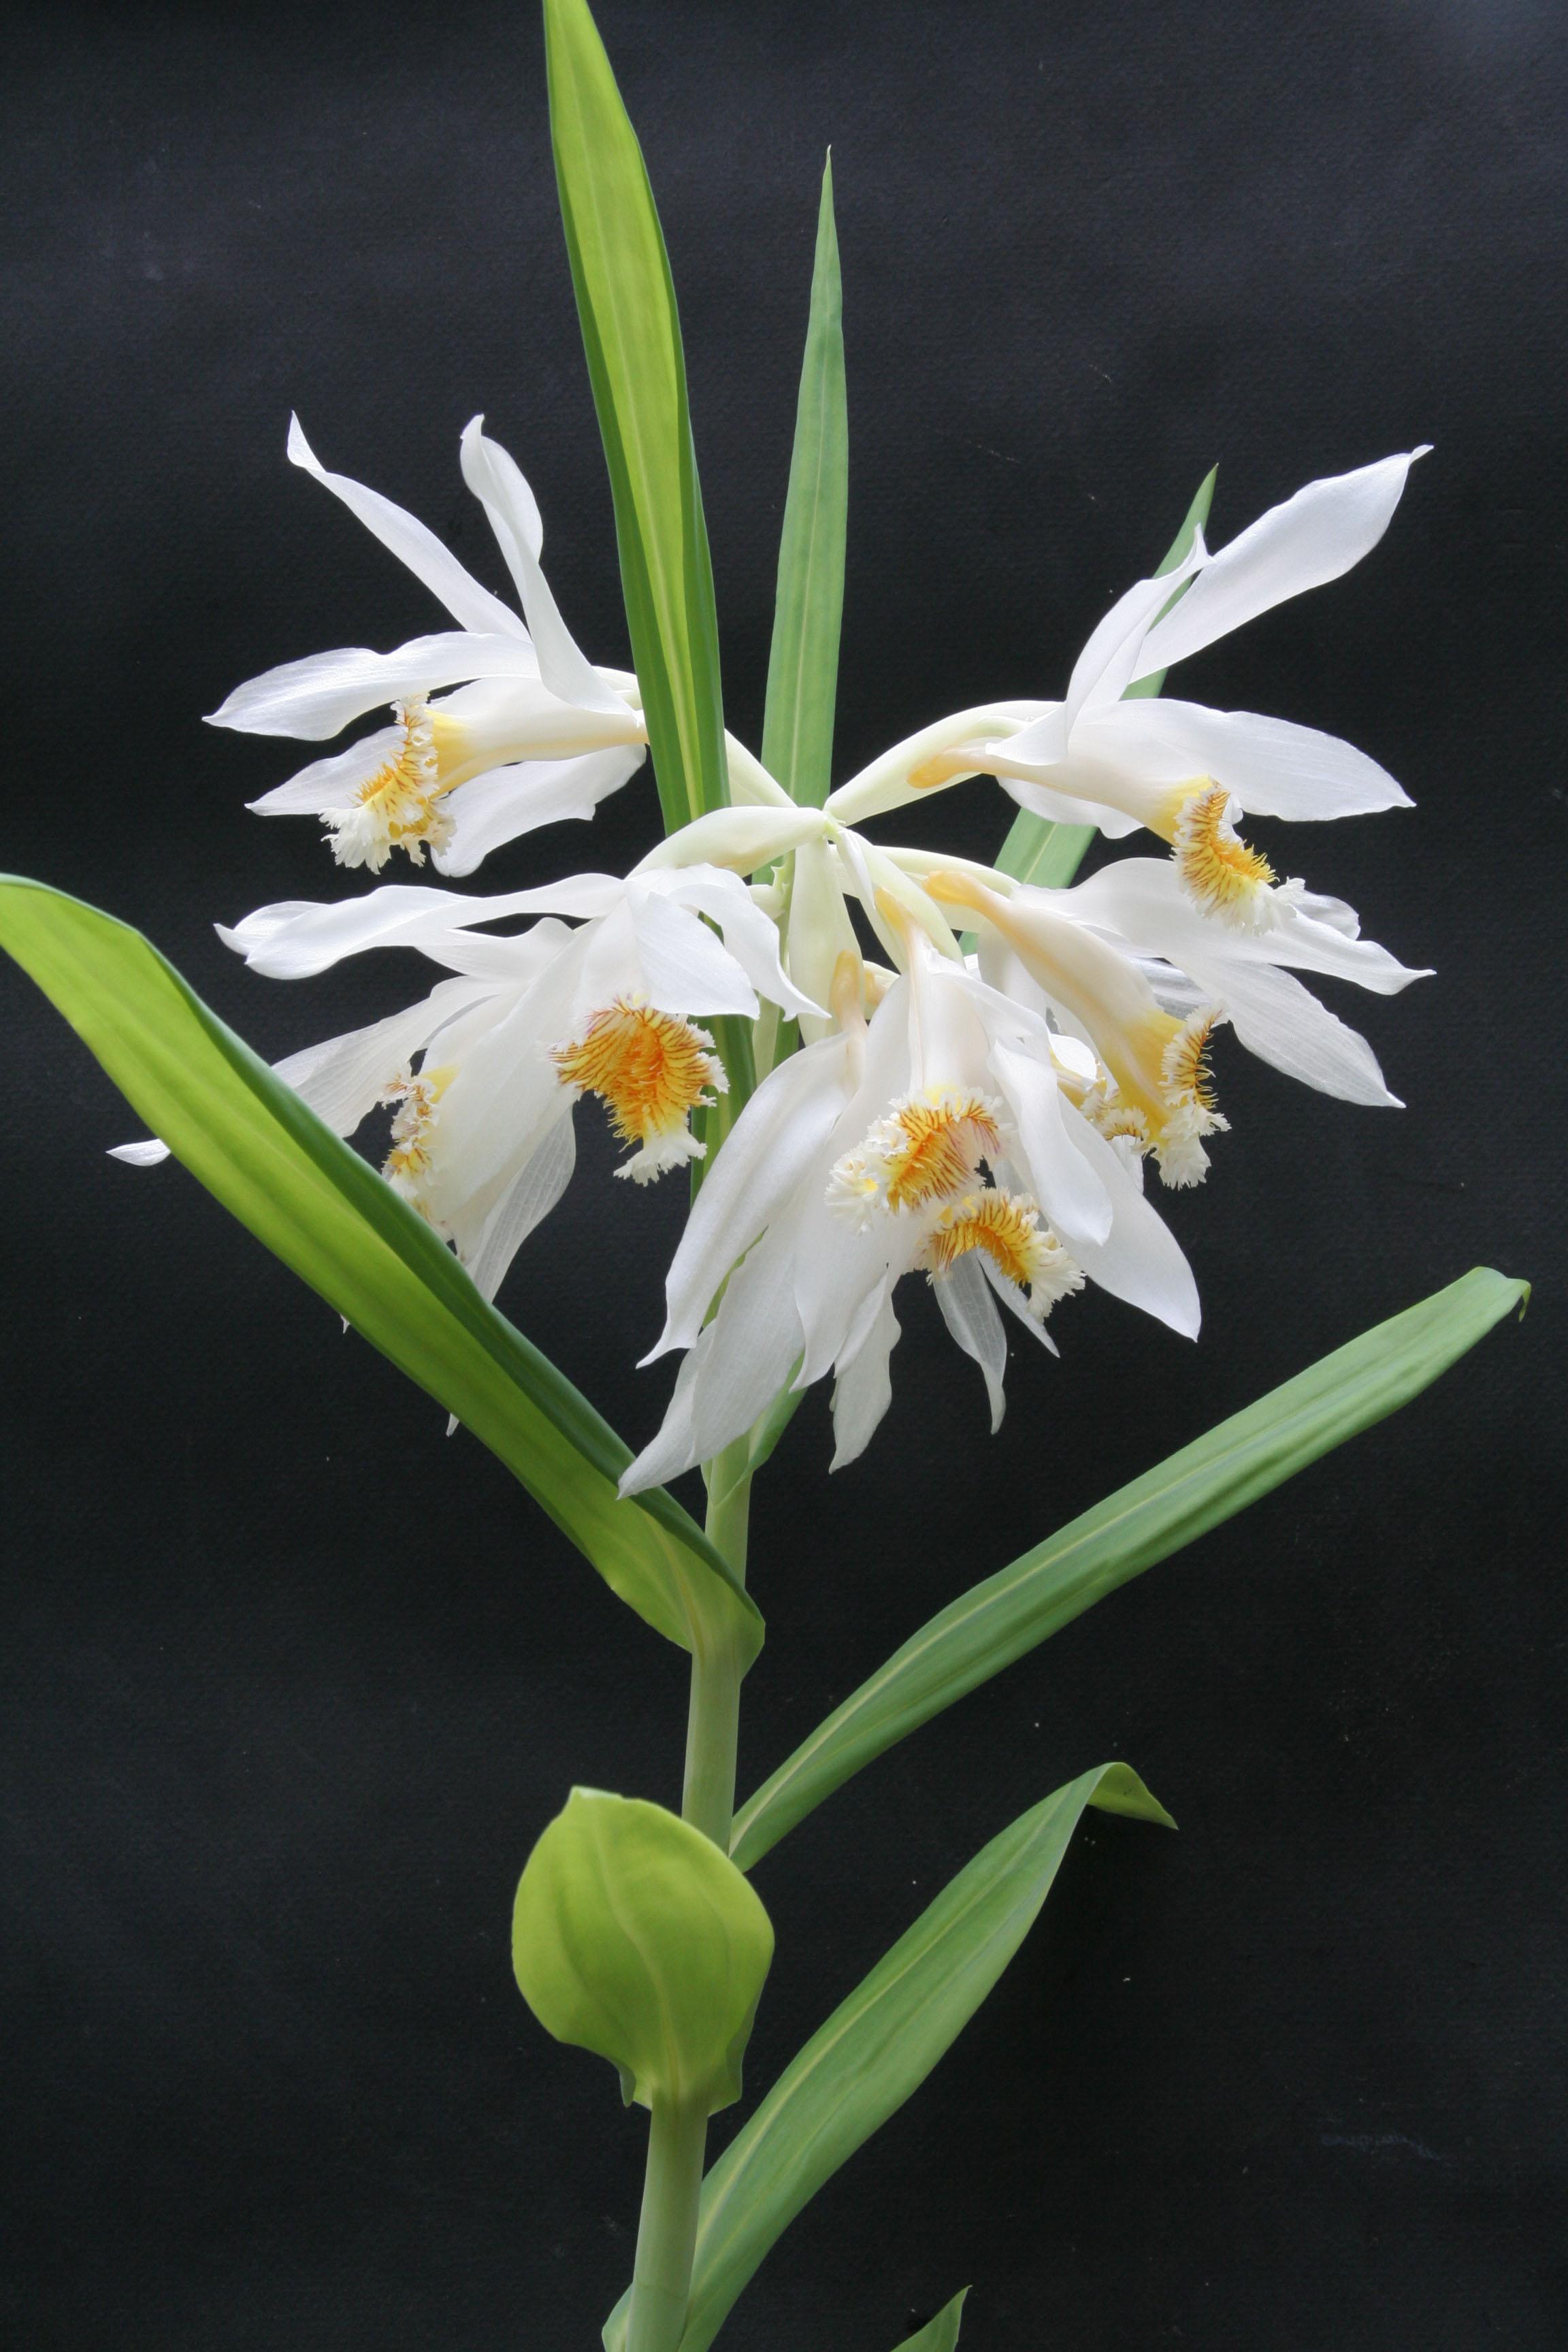 Thunia marshalliana (c) J.-P. Le Pabic